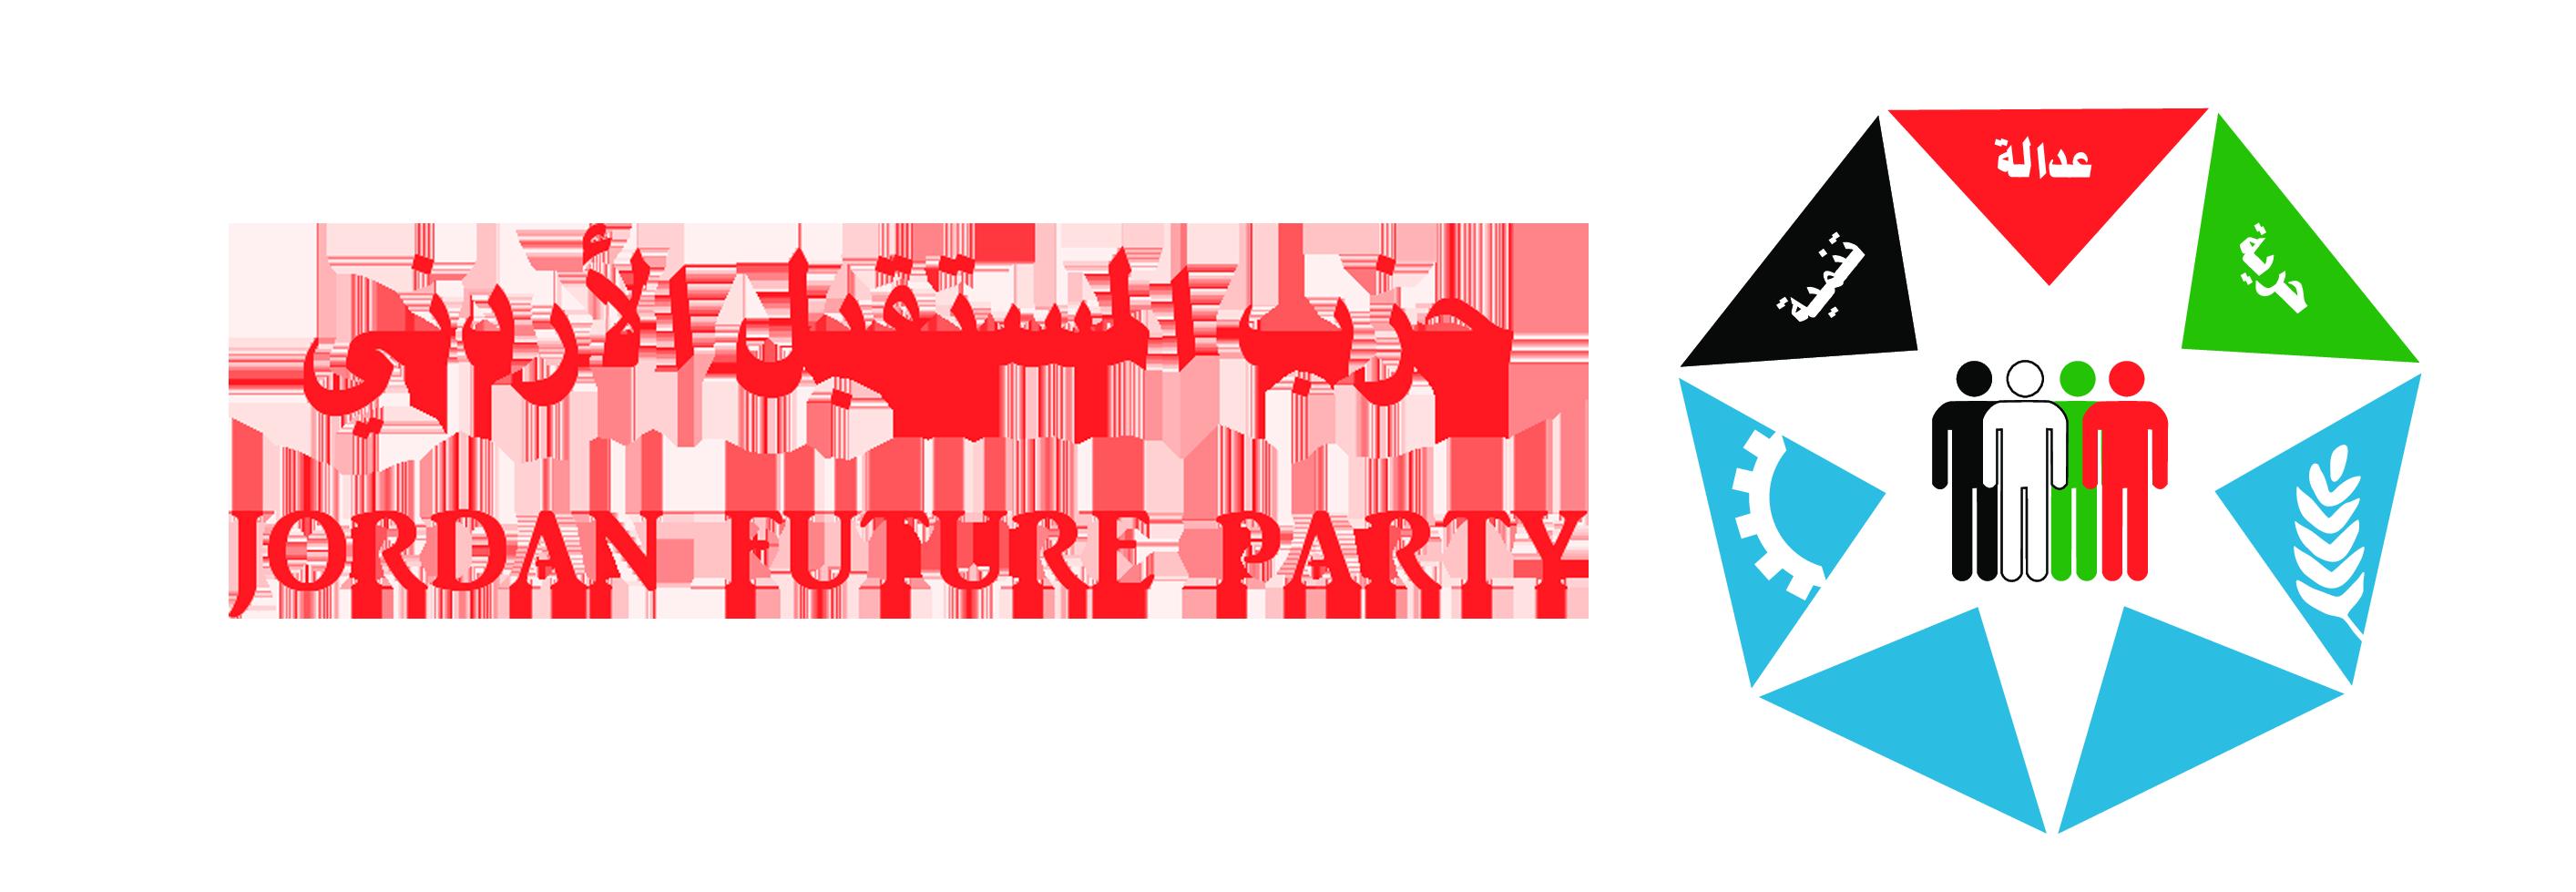 حزب المستقبل الأردني